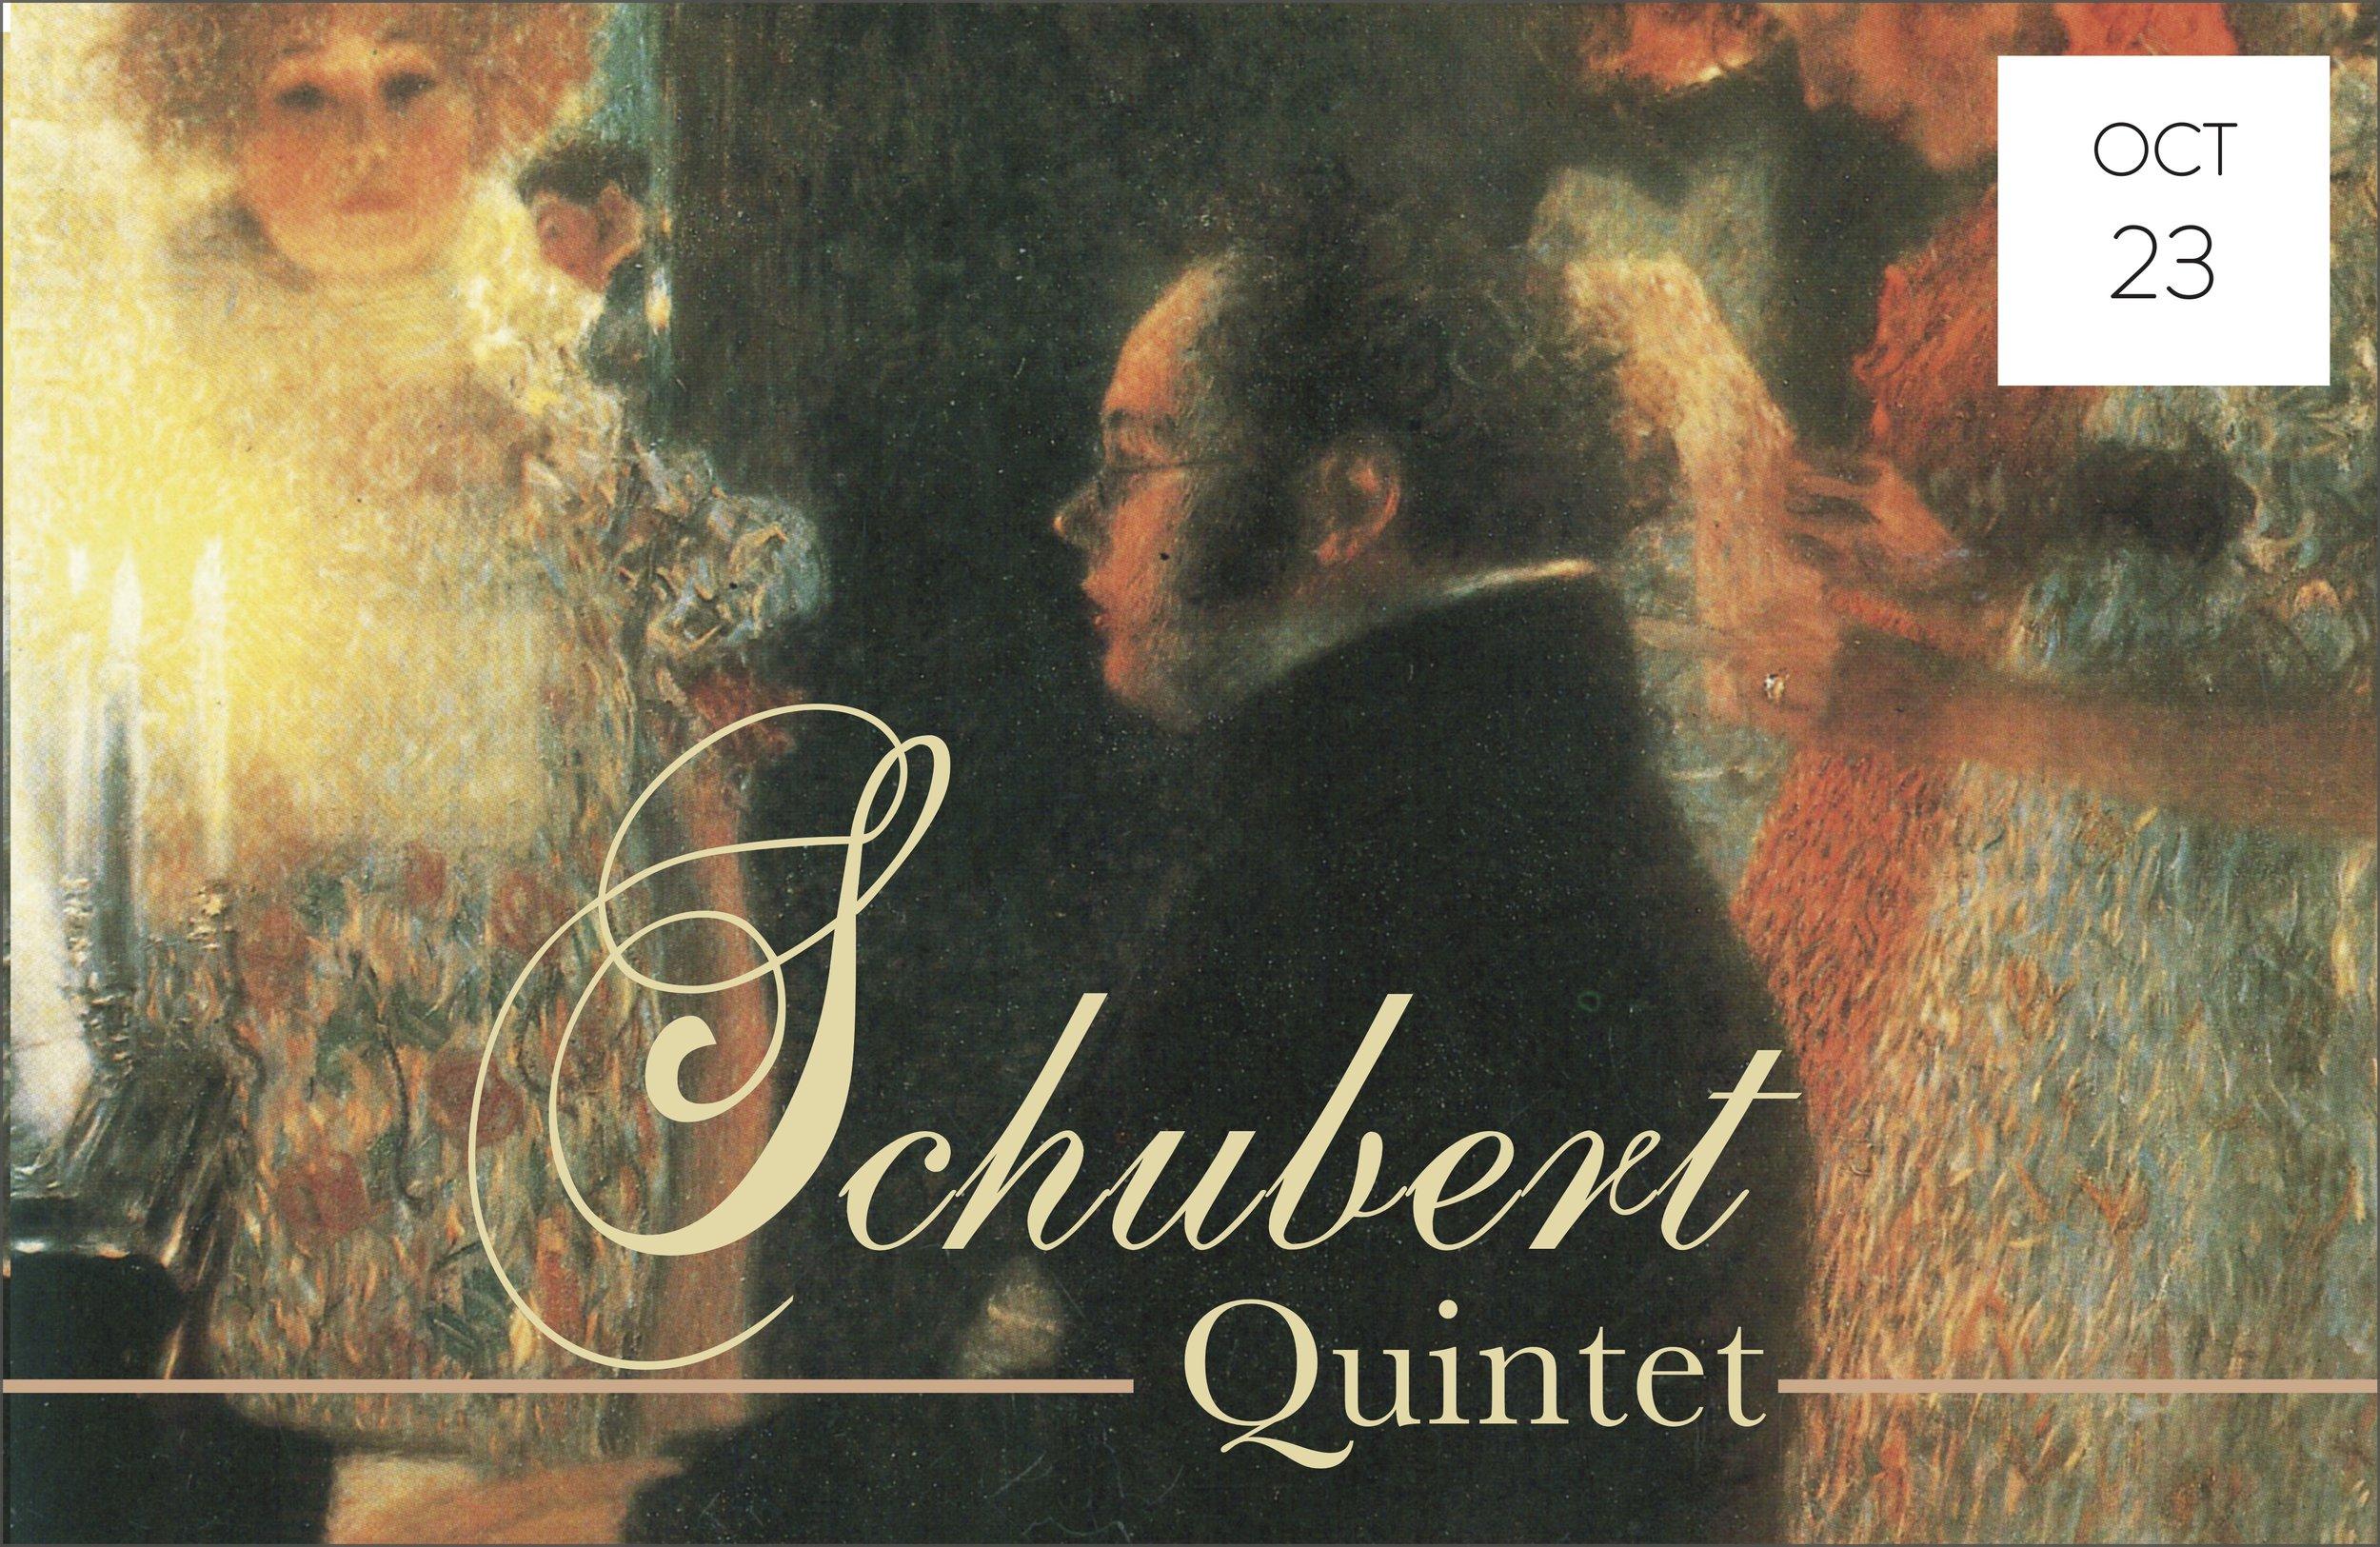 3Schubert Quintet Banner.jpg